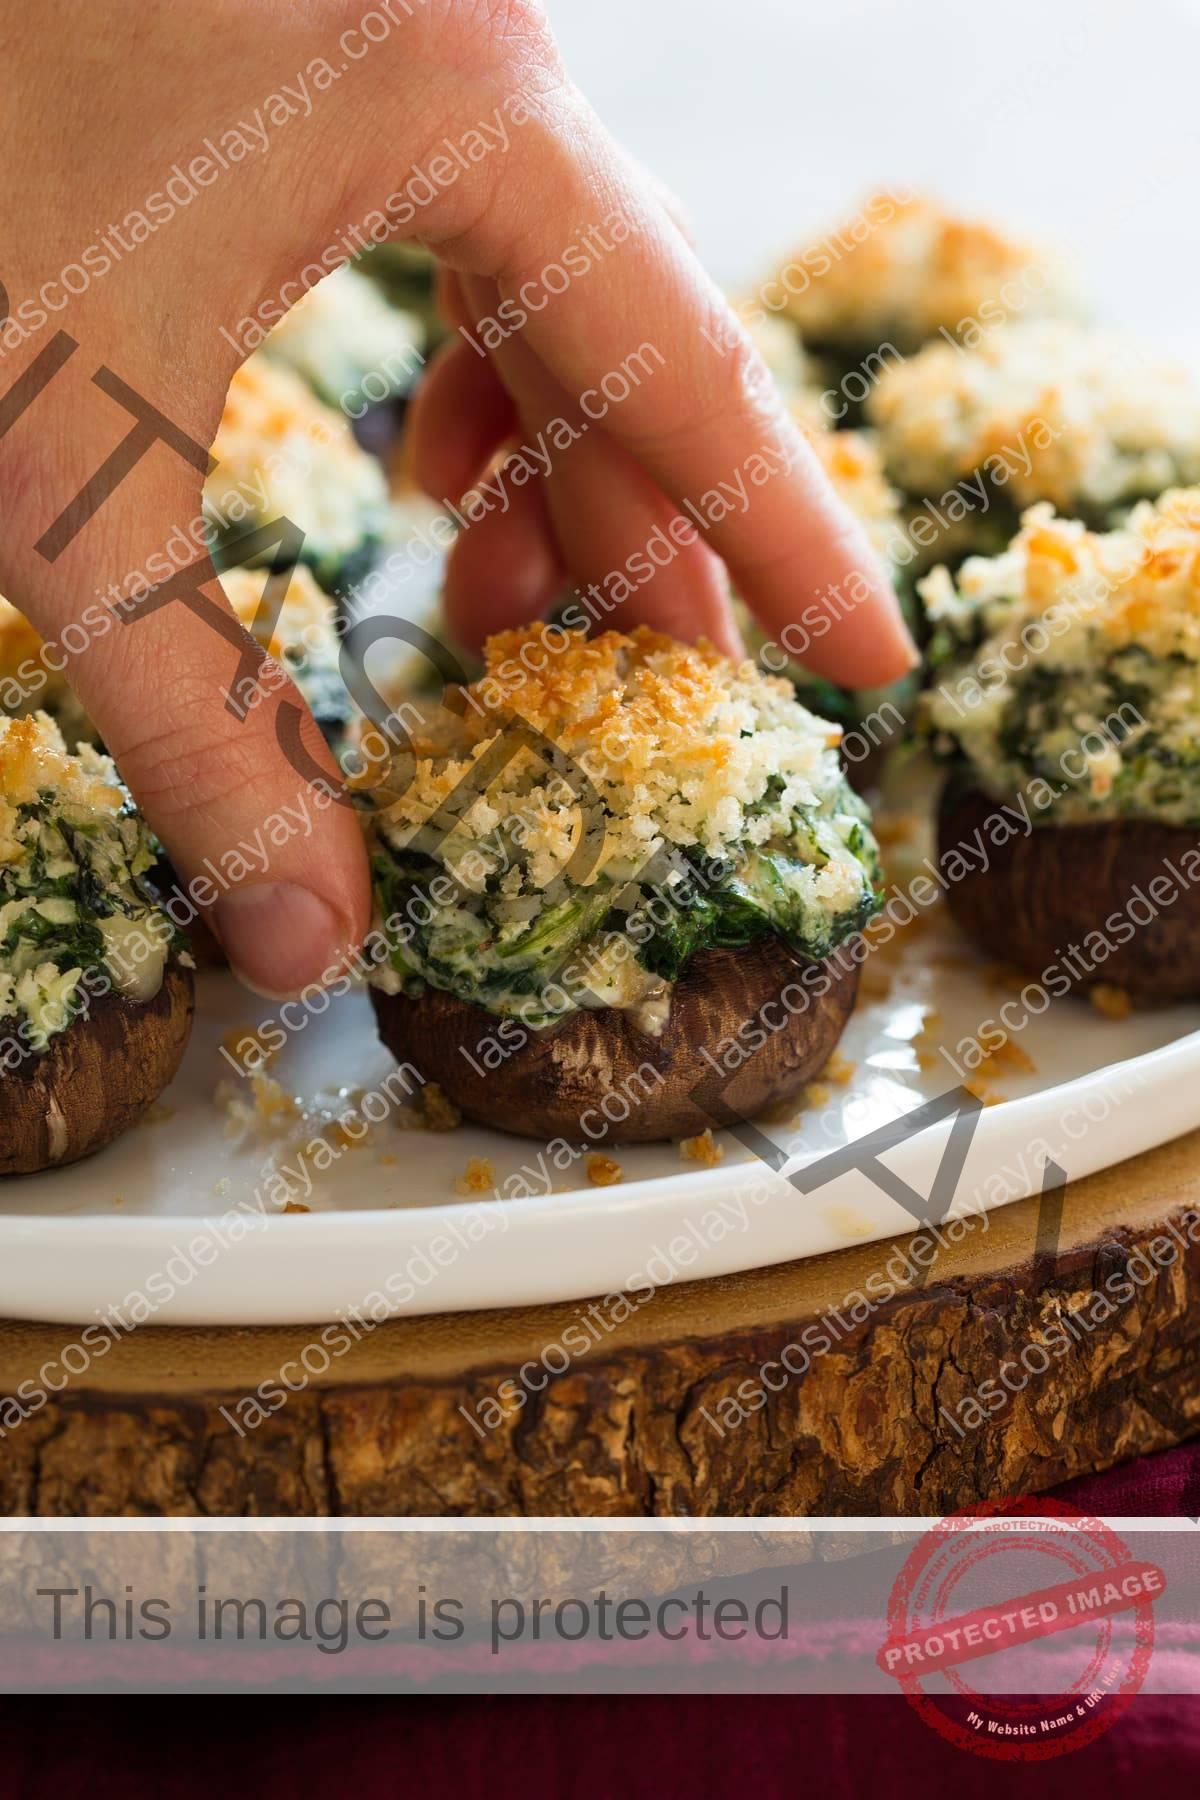 Recogiendo a mano unas setas rellenas de queso crema, quesos rallados y espinacas.